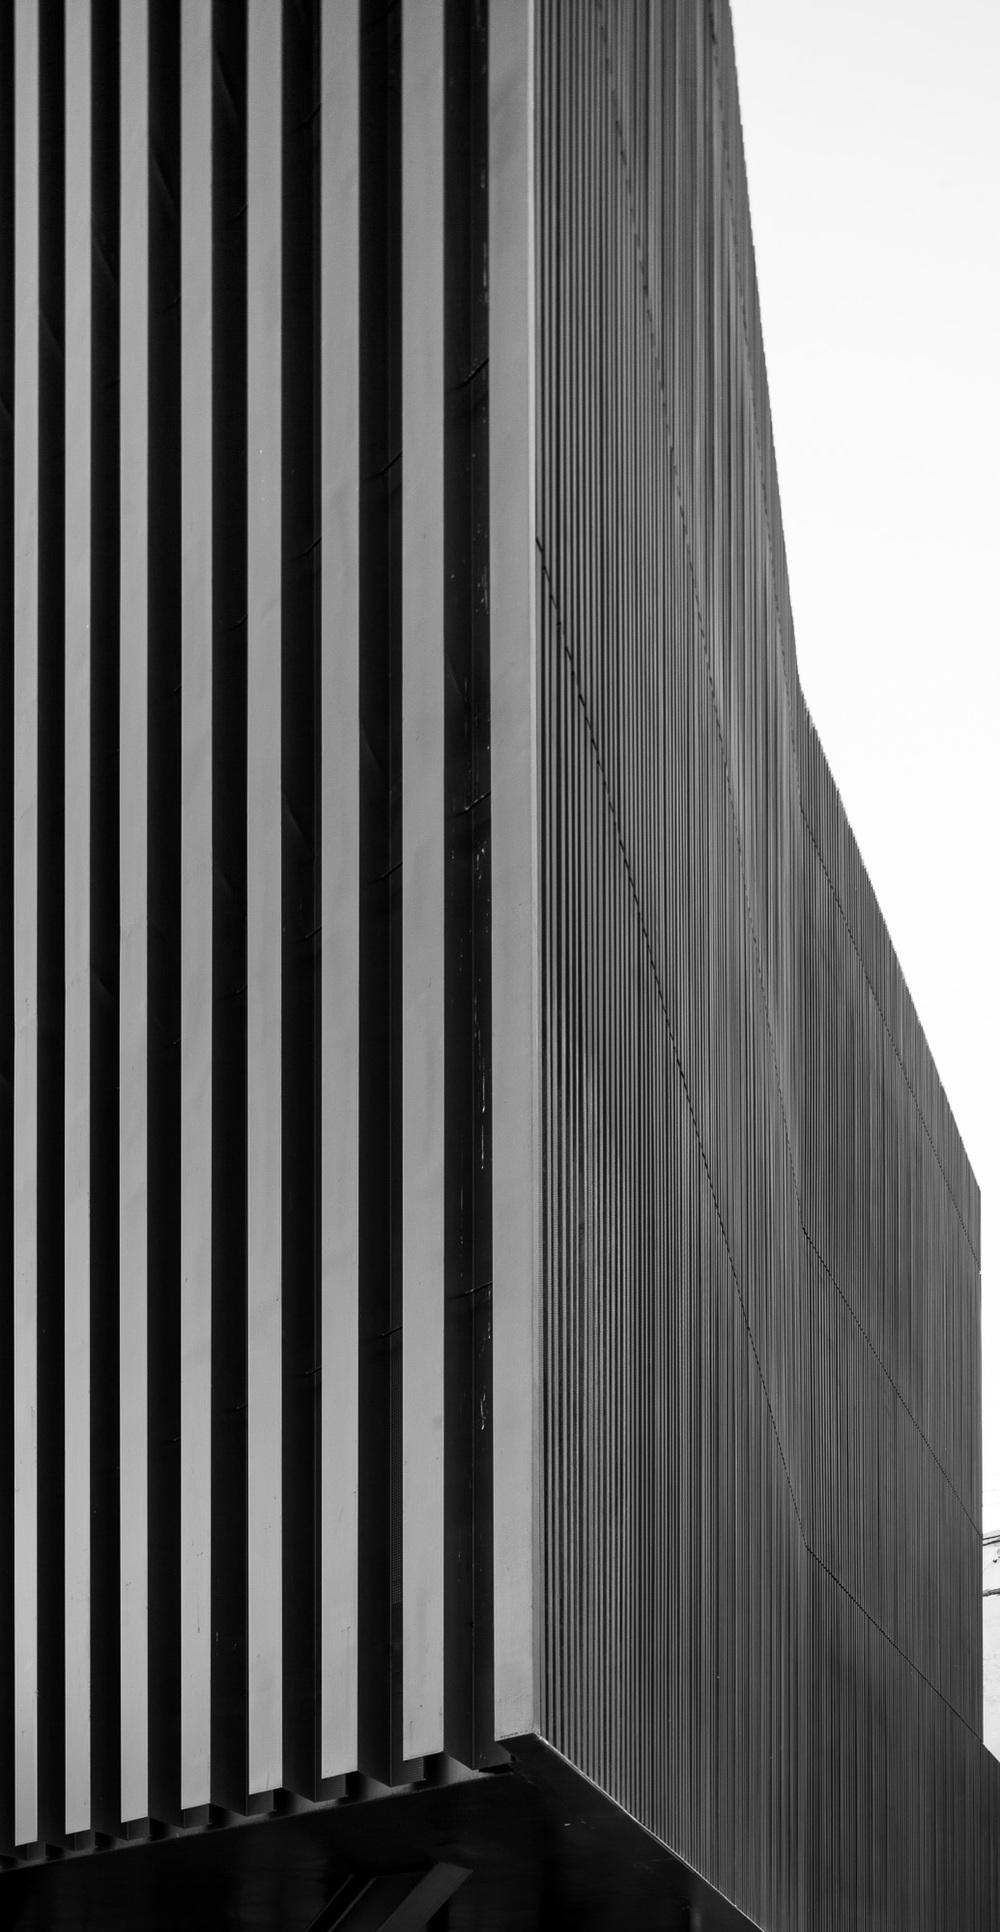 Metal mouldings in facade.